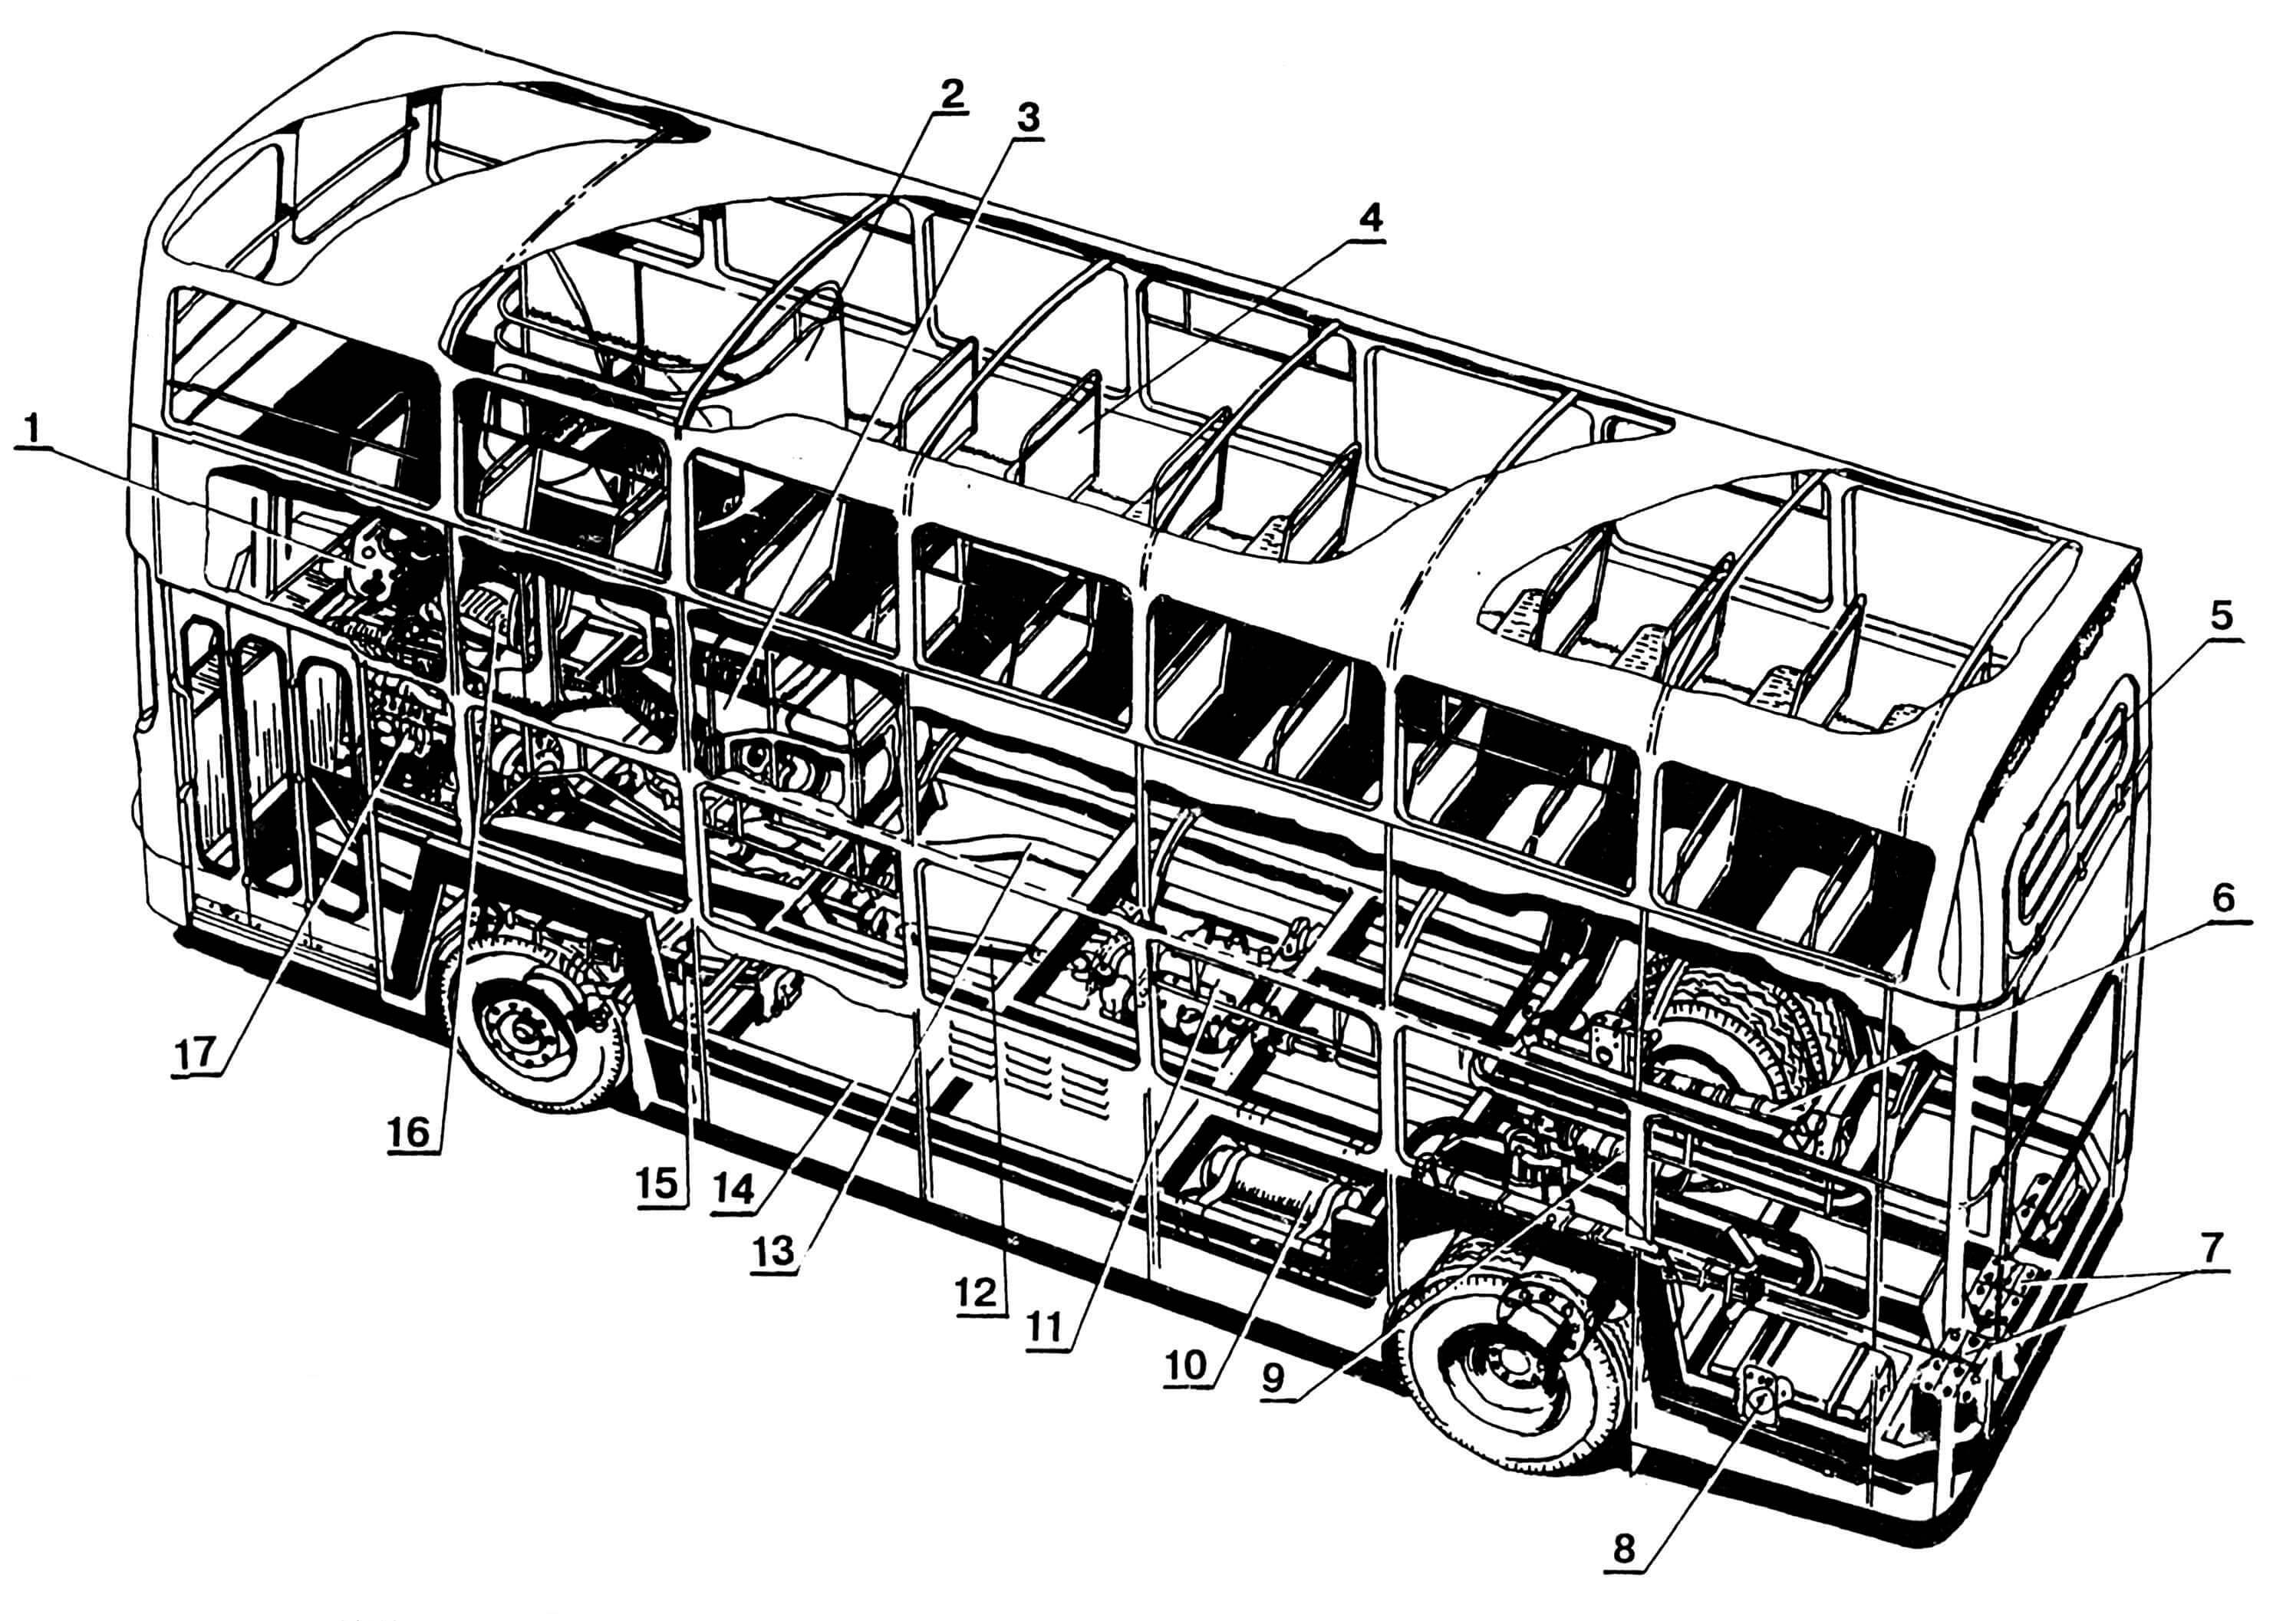 Компоновка автобуса: 1 — панель приборов; 2 — ограждение винтовой лестницы; 3 — лестница винтовая на второй этаж; 4 — сиденье пассажирское; 5 — окно аварийное; 6 — рессора задняя; 7 — аккумуляторы; 8 — горловина бензобака; 9 — мост задний; 10 — ресивер (2 шт.); 11 — коробка передач; 12 — вал карданный; 13 — труба выхлопная; 14 — каркас шасси; 15 — рессора передняя; 16 — сиденье водителя; 17 — двигатель.